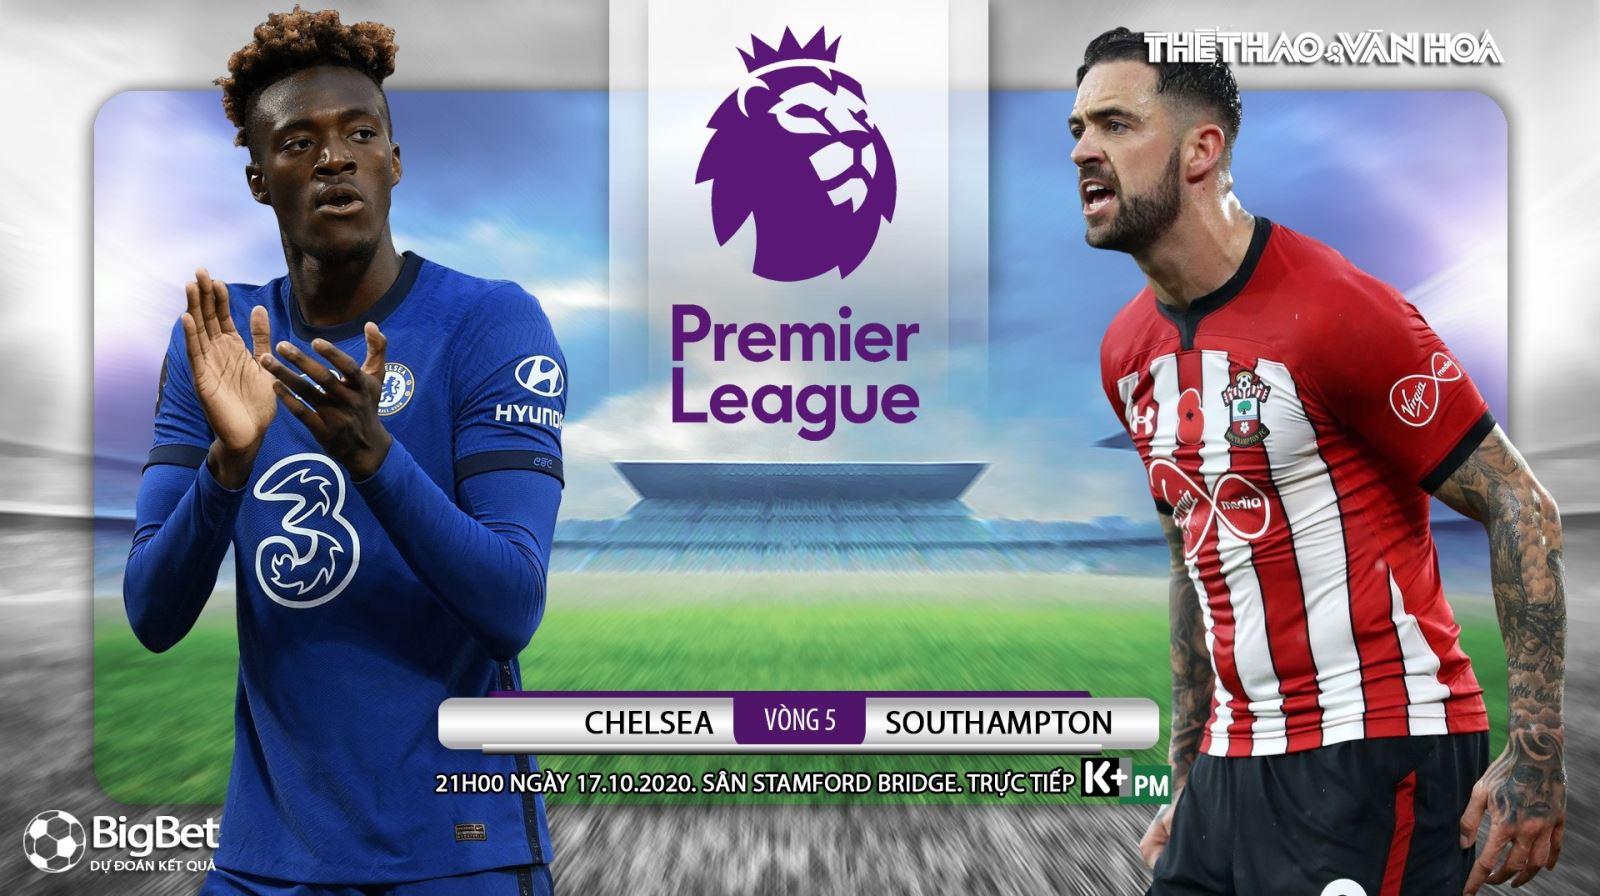 Soi kèo nhà cái Chelsea vs Southampton. Ngoại hạng Anh vòng 5. Trực tiếp K+PM